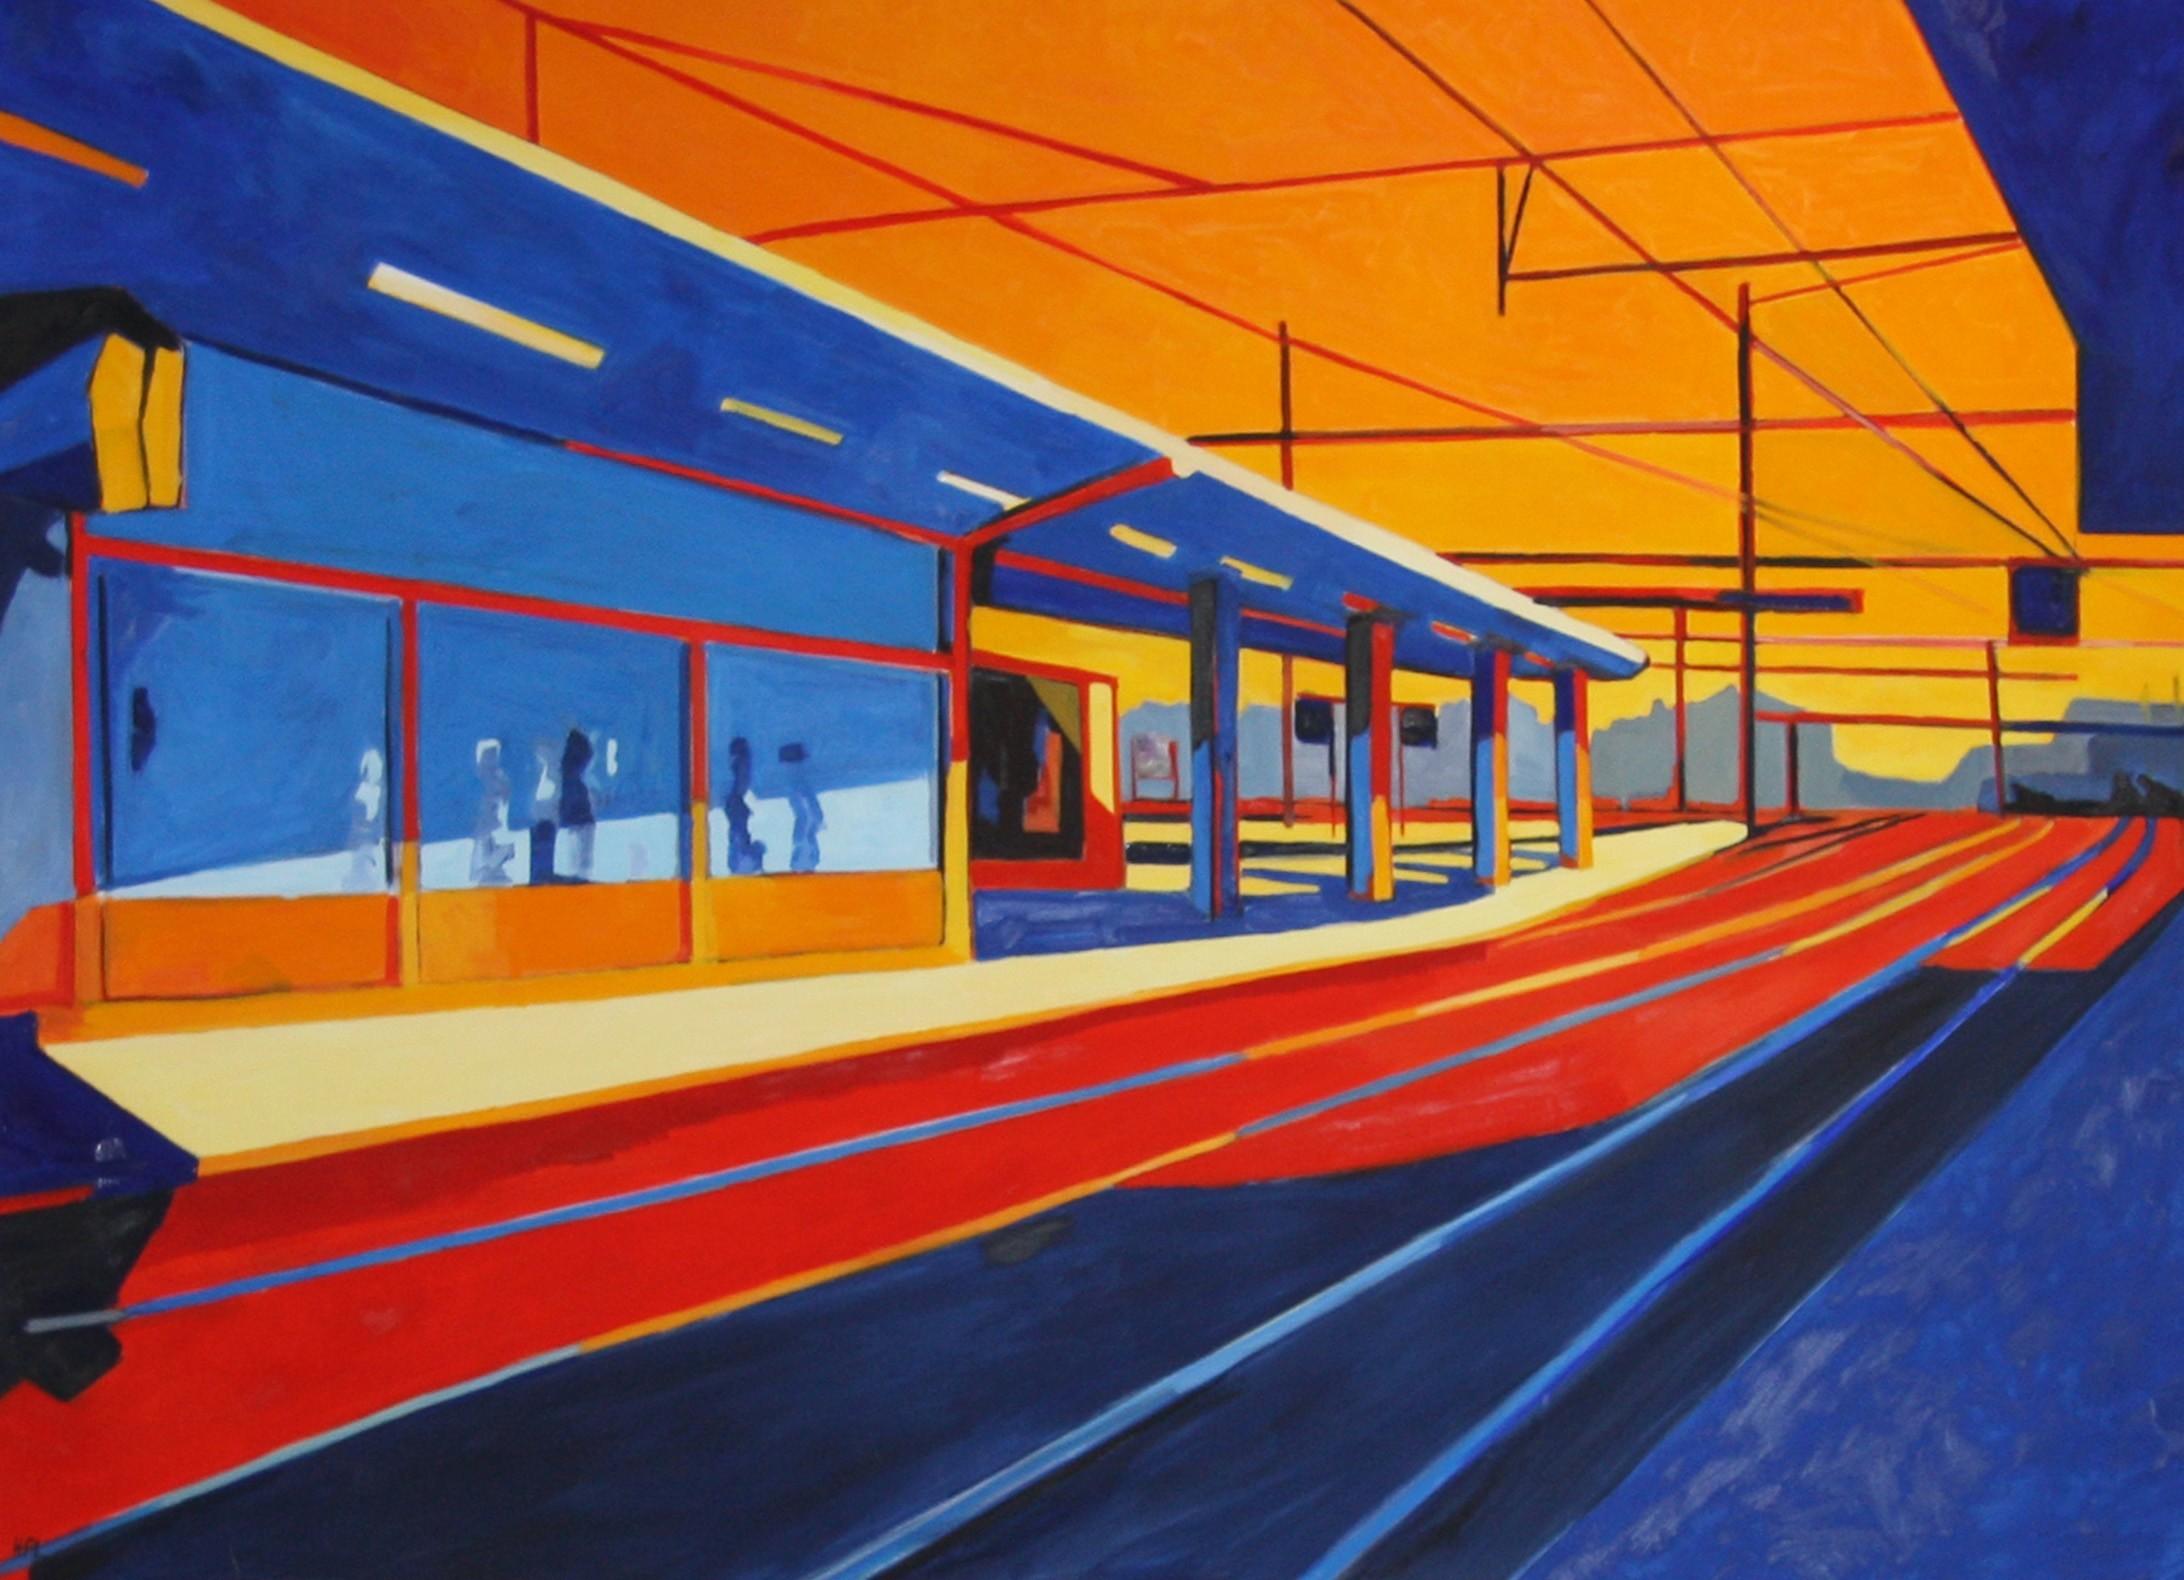 Gare des Chantiers - Hélène de Manneville - KAZoART